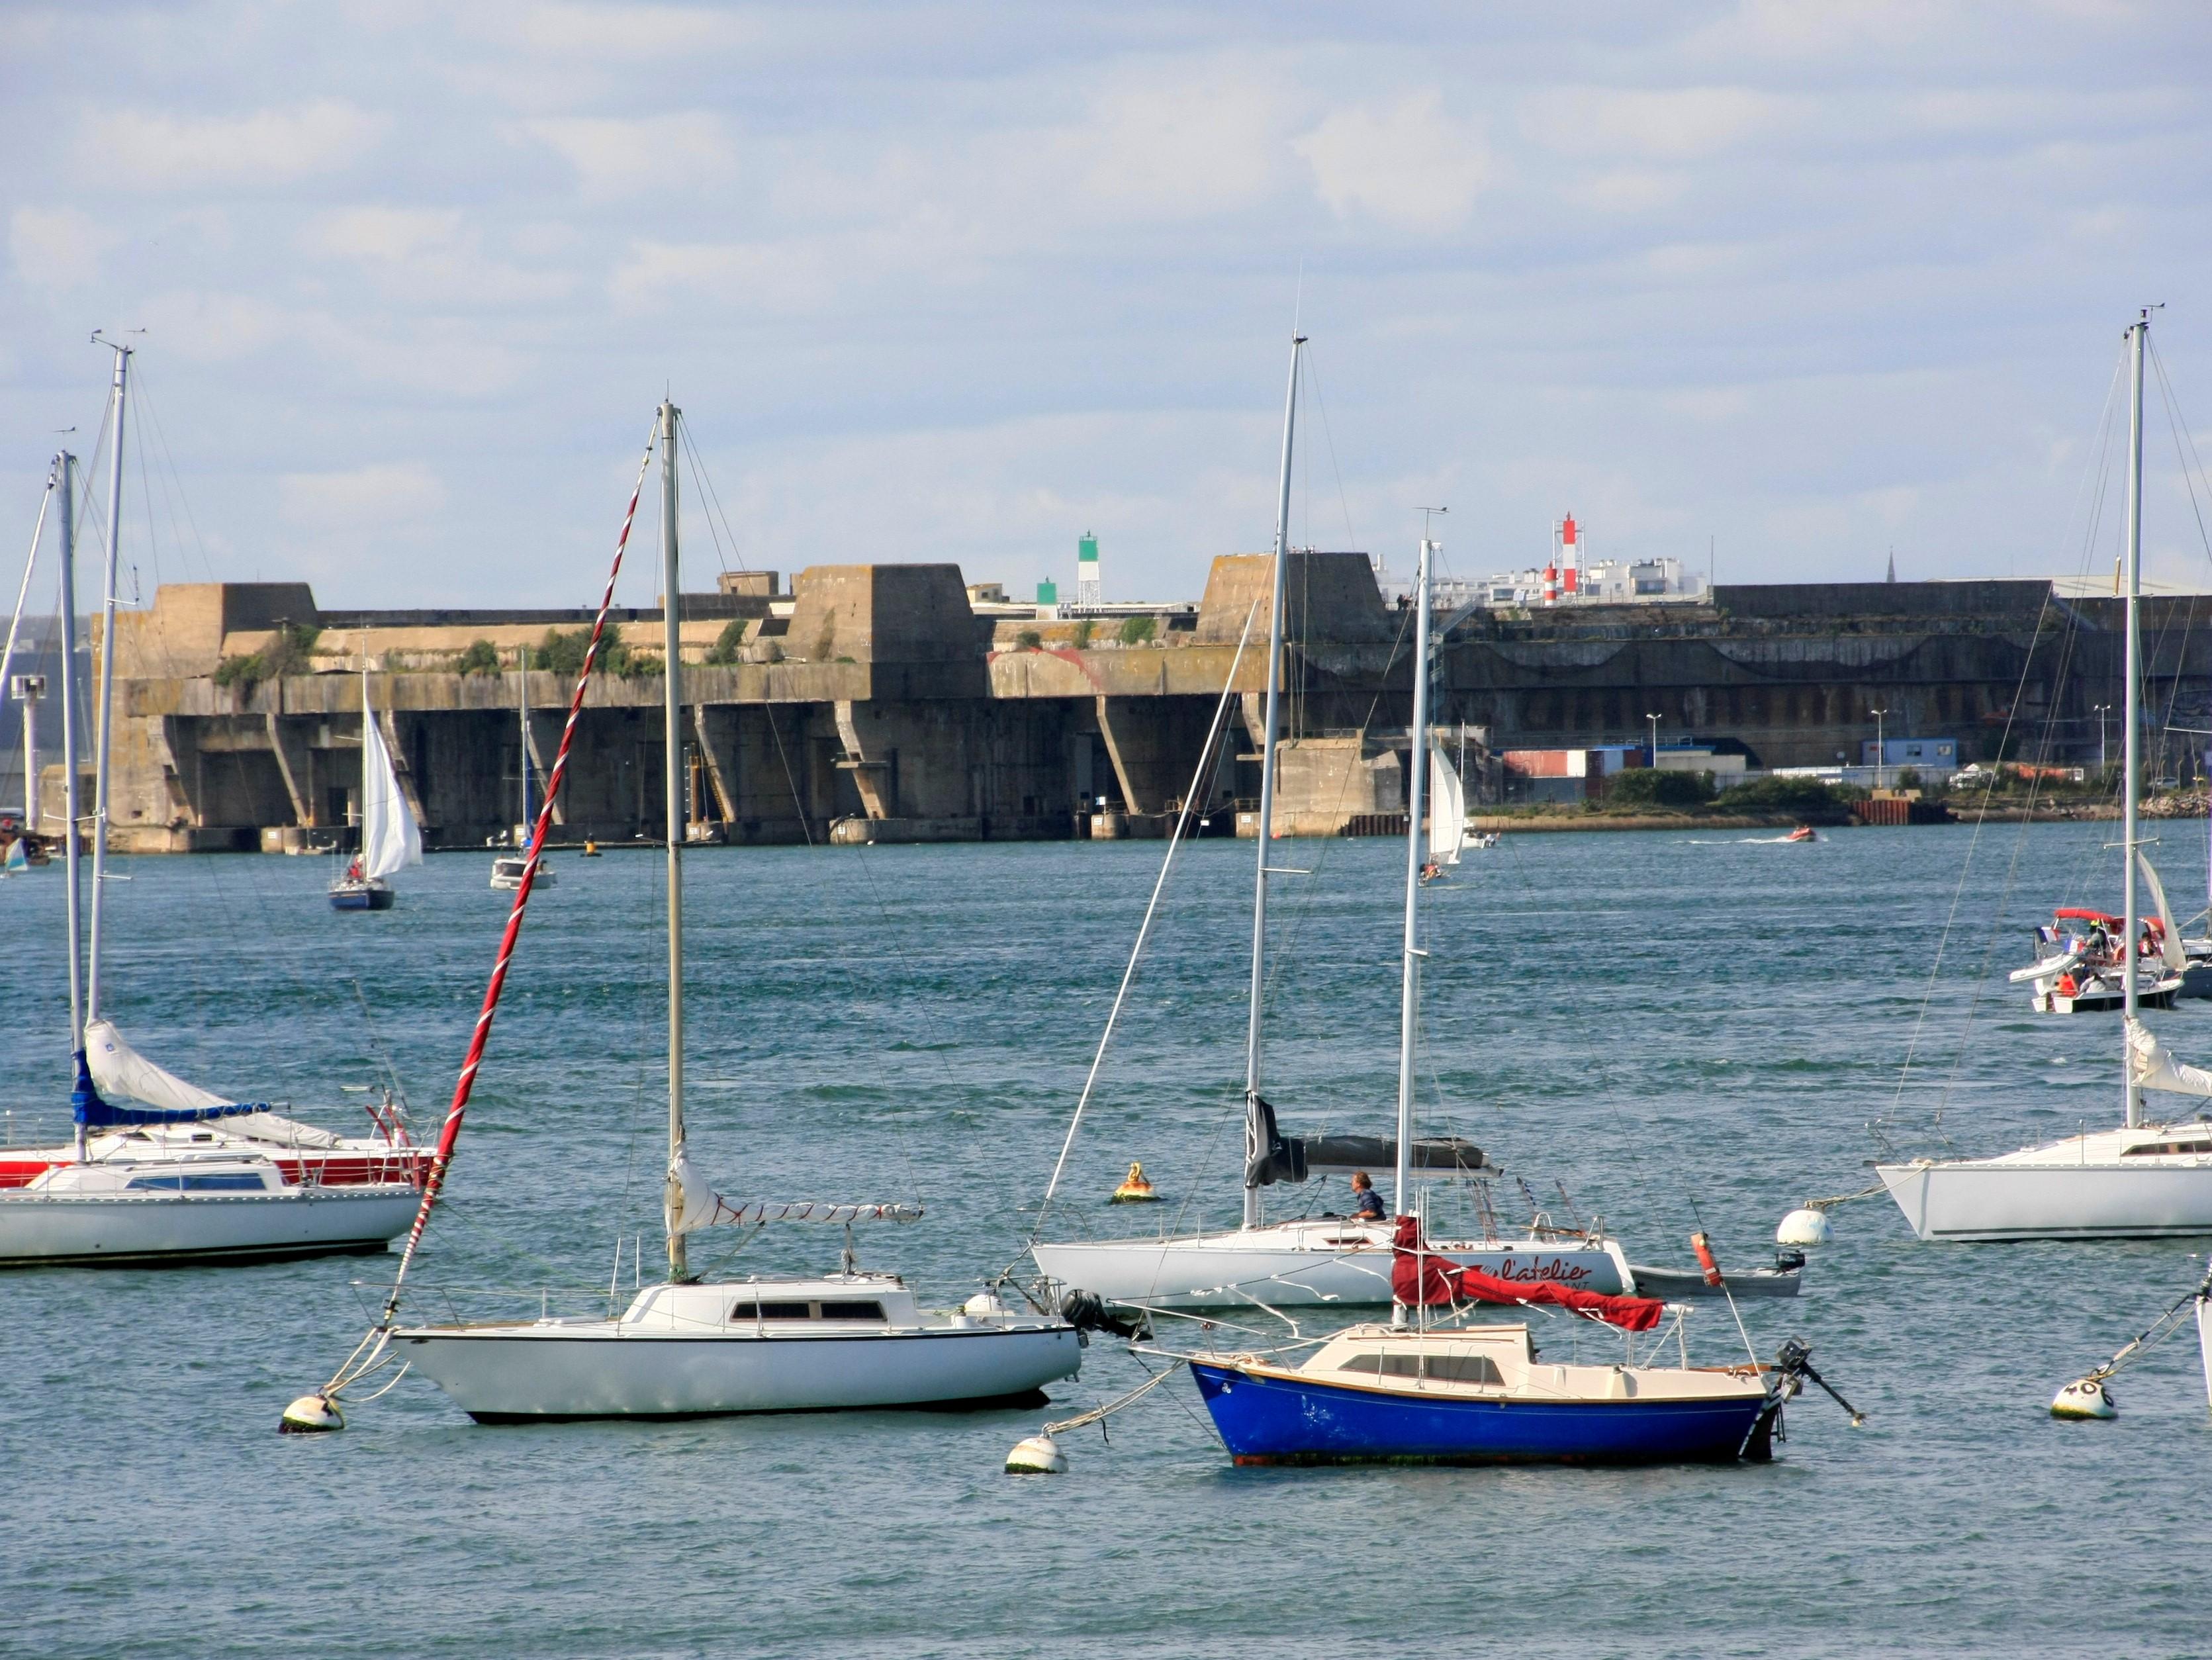 Au fil des ans, Lorient s'est magnifiquement reconstruite, réinventée, retrouvée et obtenu de nombreux labels dont ceux de « Ville d'art et d'essai » et de « Sites et cités remarquables » - DR